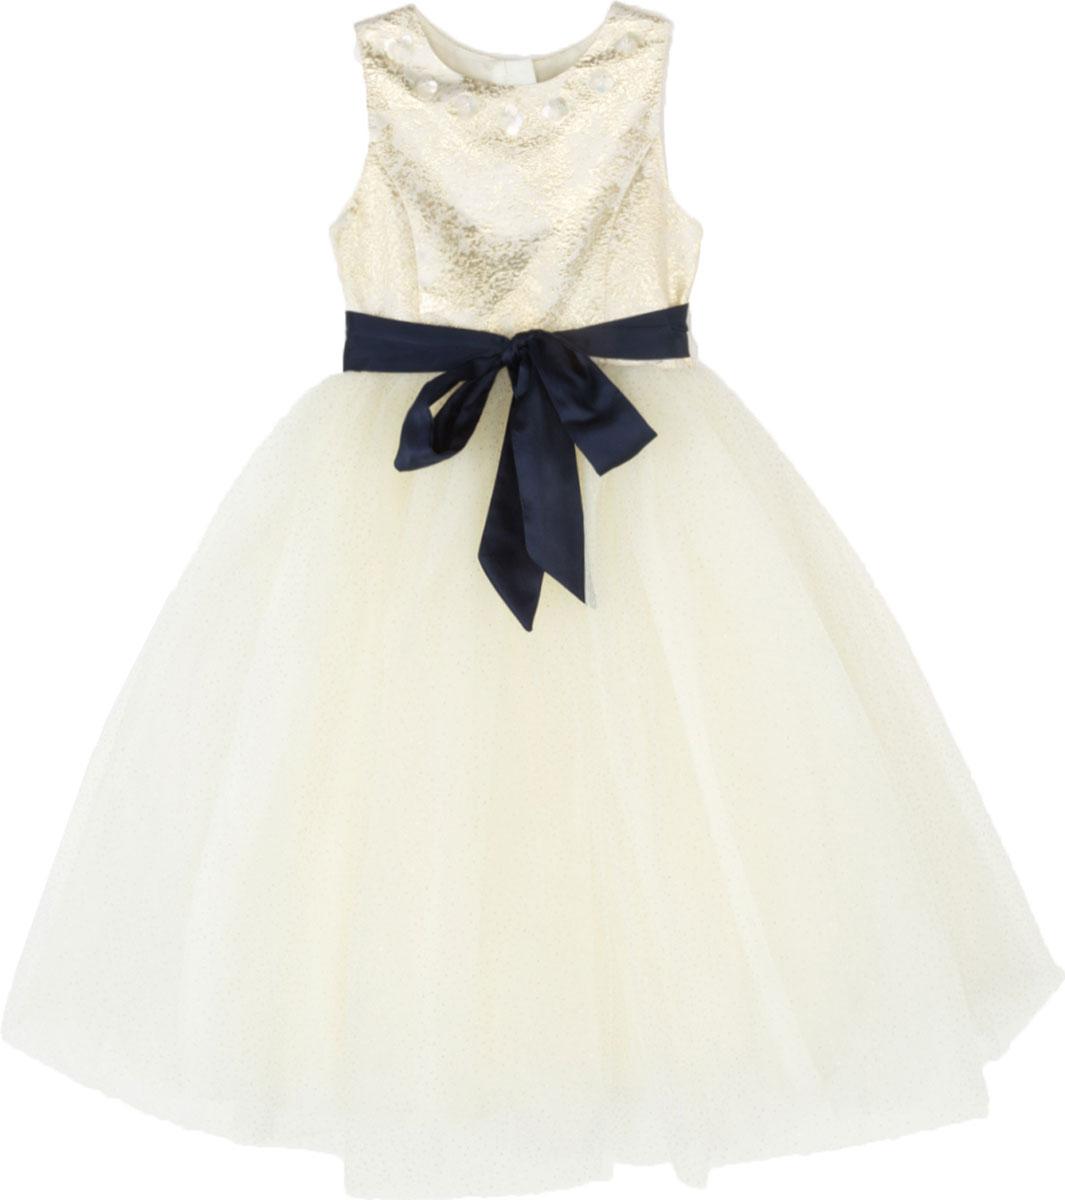 Платье для девочки Acoola Vinona, цвет: бежевый. 20220200224. Размер 12220220200224Стильное платье для девочки идеально подойдет вашей маленькой принцессе. Изготовленное из полиэстера и хлопка, оно необычайно мягкое и приятное на ощупь, не сковывает движения и позволяет коже дышать, не раздражает даже самую нежную и чувствительную кожу ребенка, обеспечивая ему наибольший комфорт.Оригинальный современный дизайн и модная расцветка делают это платье модным и стильным предметом детского гардероба. В нем ваша малышка будет чувствовать себя уютно и комфортно и всегда будет в центре внимания!